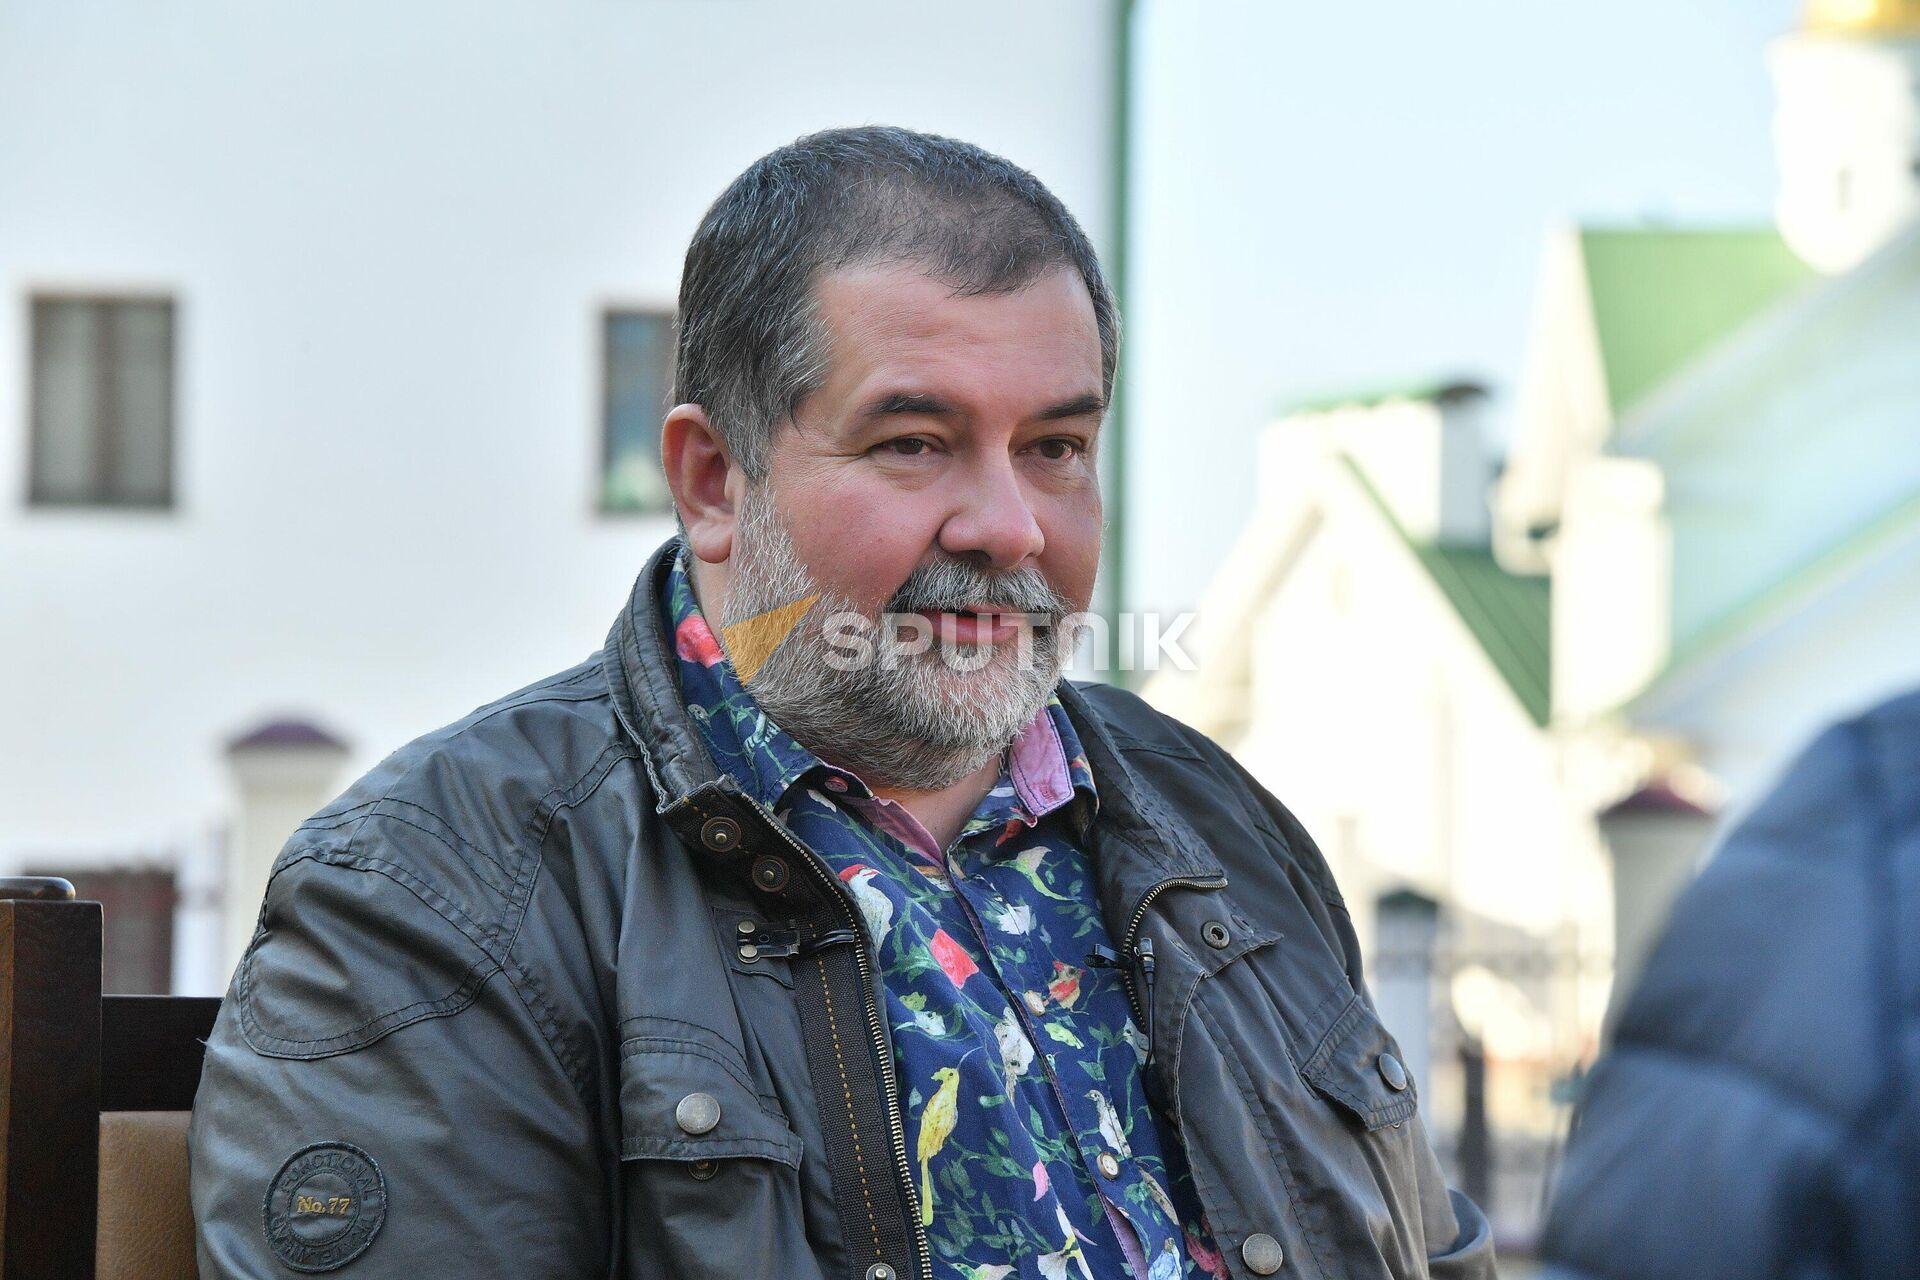 В Минск писатель приехал, чтобы послушать, как его сын играет на флейте - Sputnik Беларусь, 1920, 09.10.2021